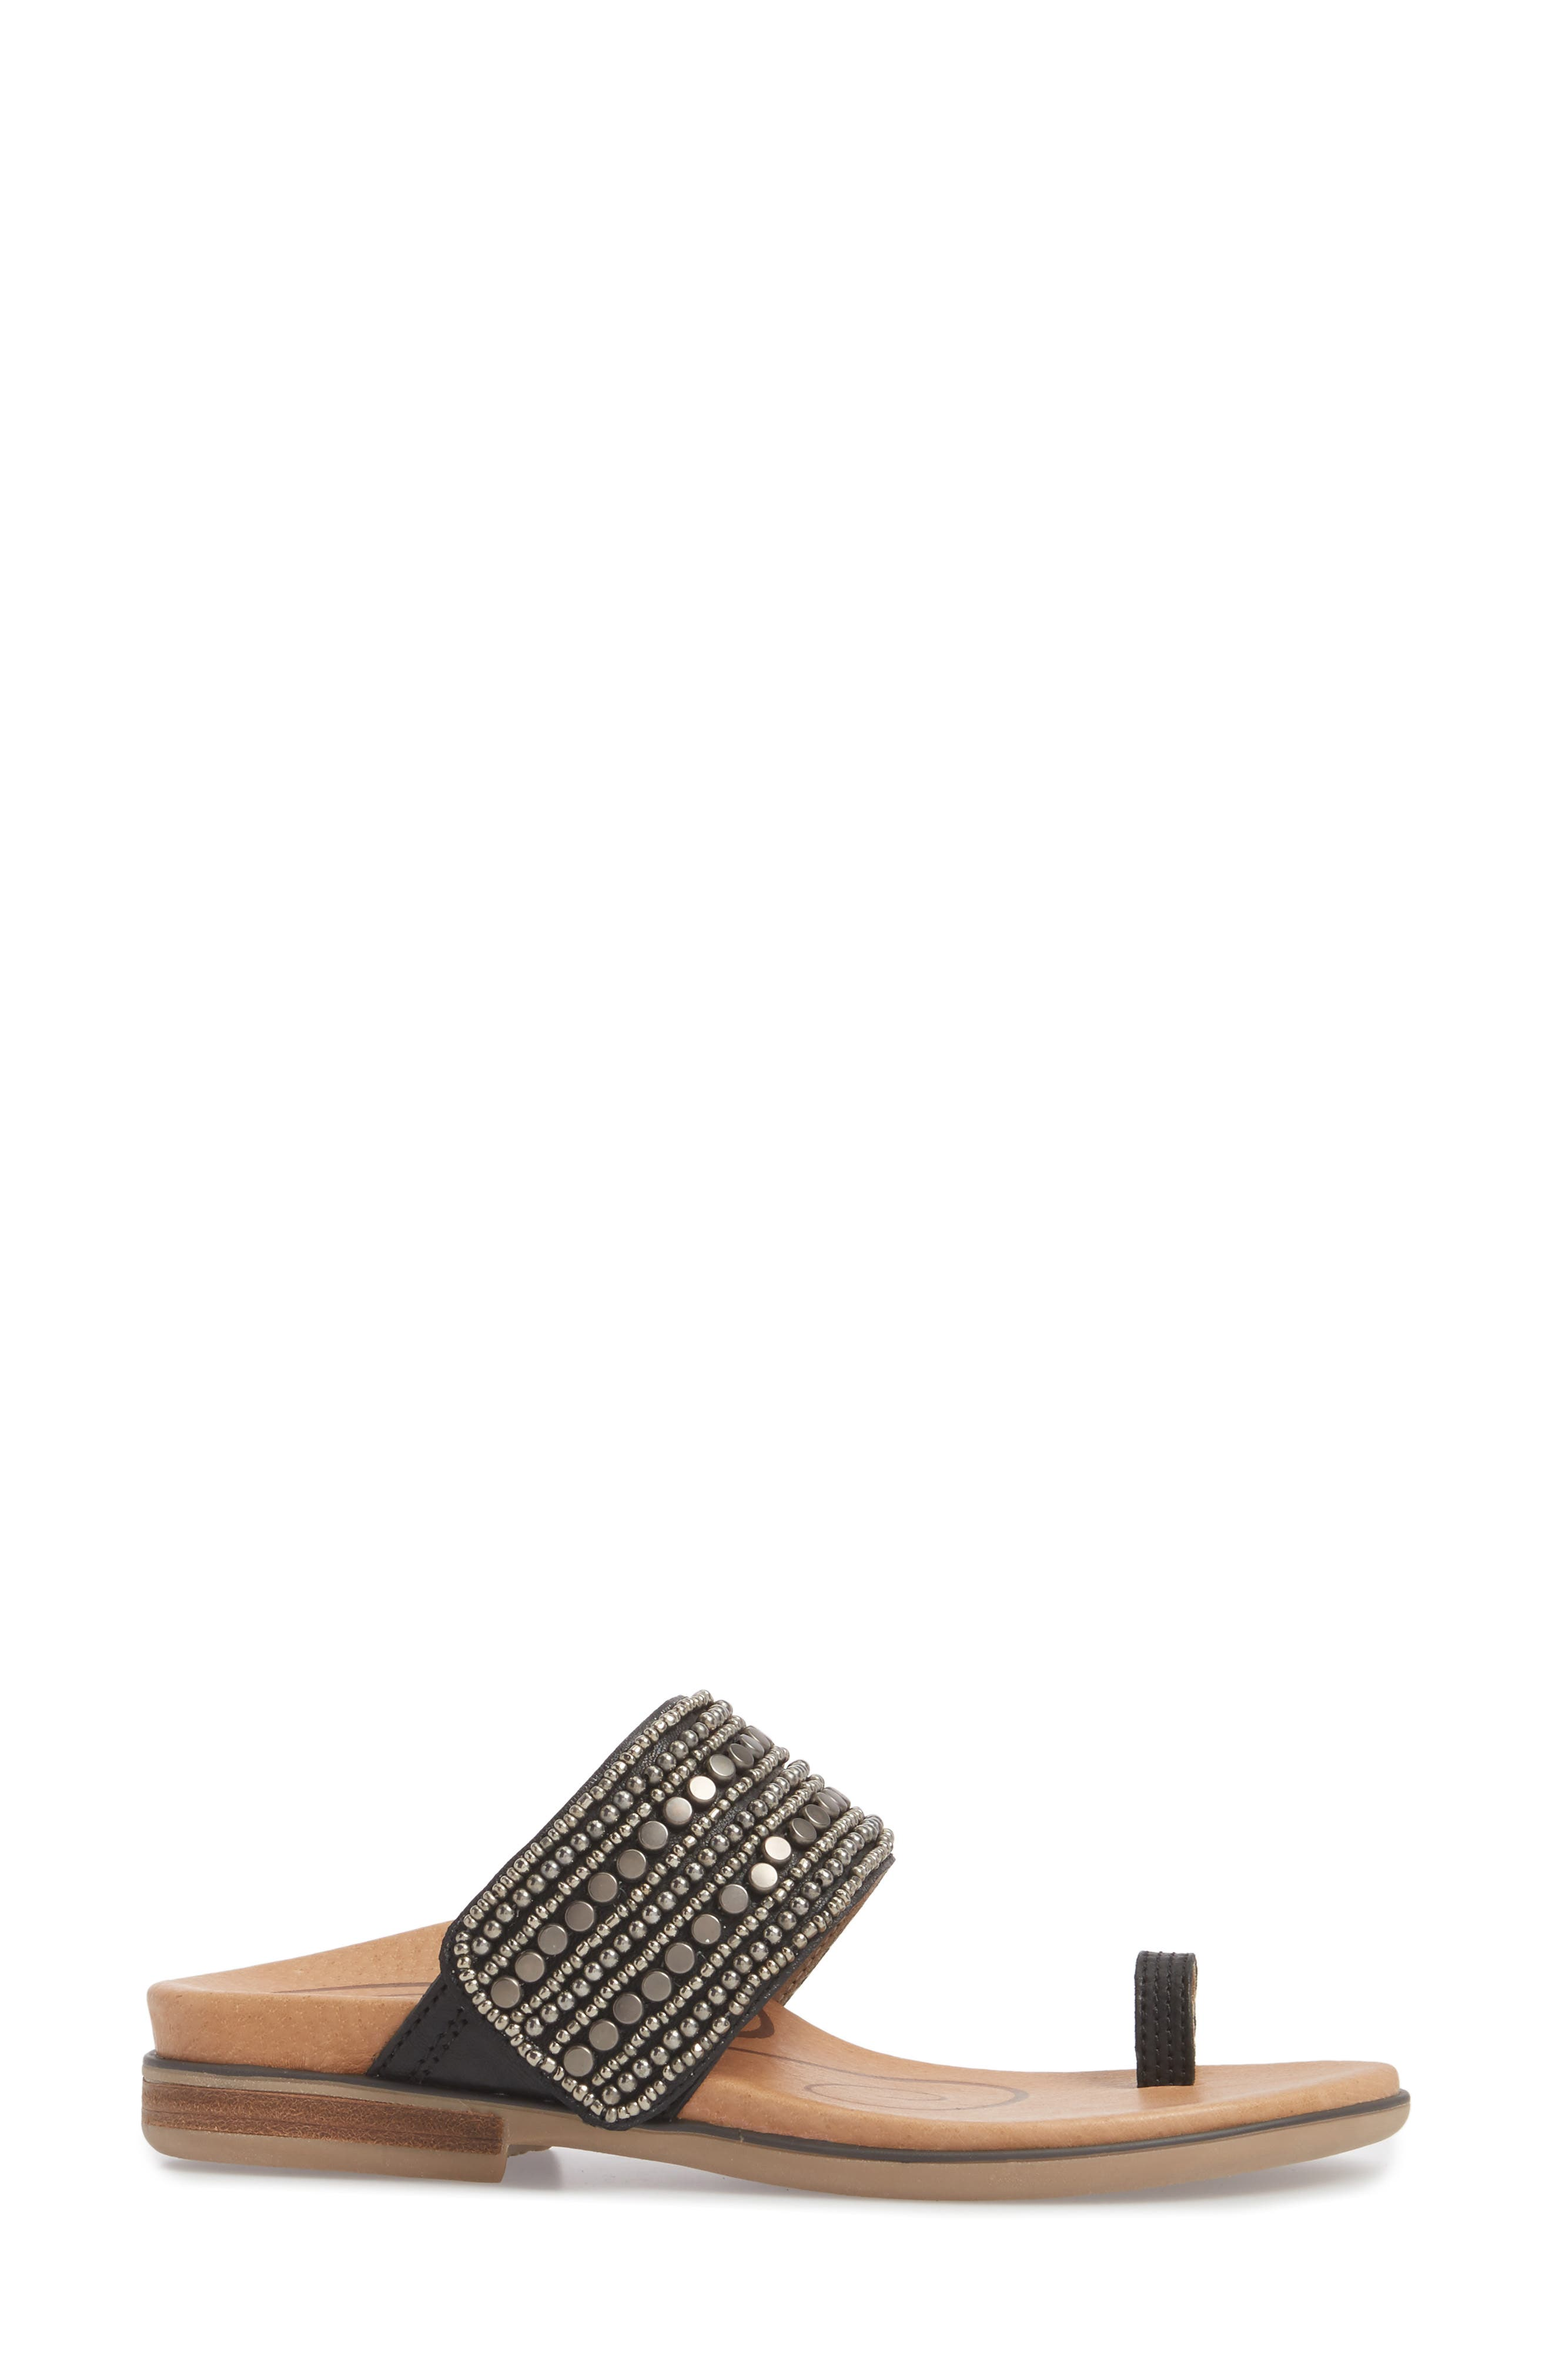 Layla Embellished Slide Sandal,                             Alternate thumbnail 3, color,                             Black Leather